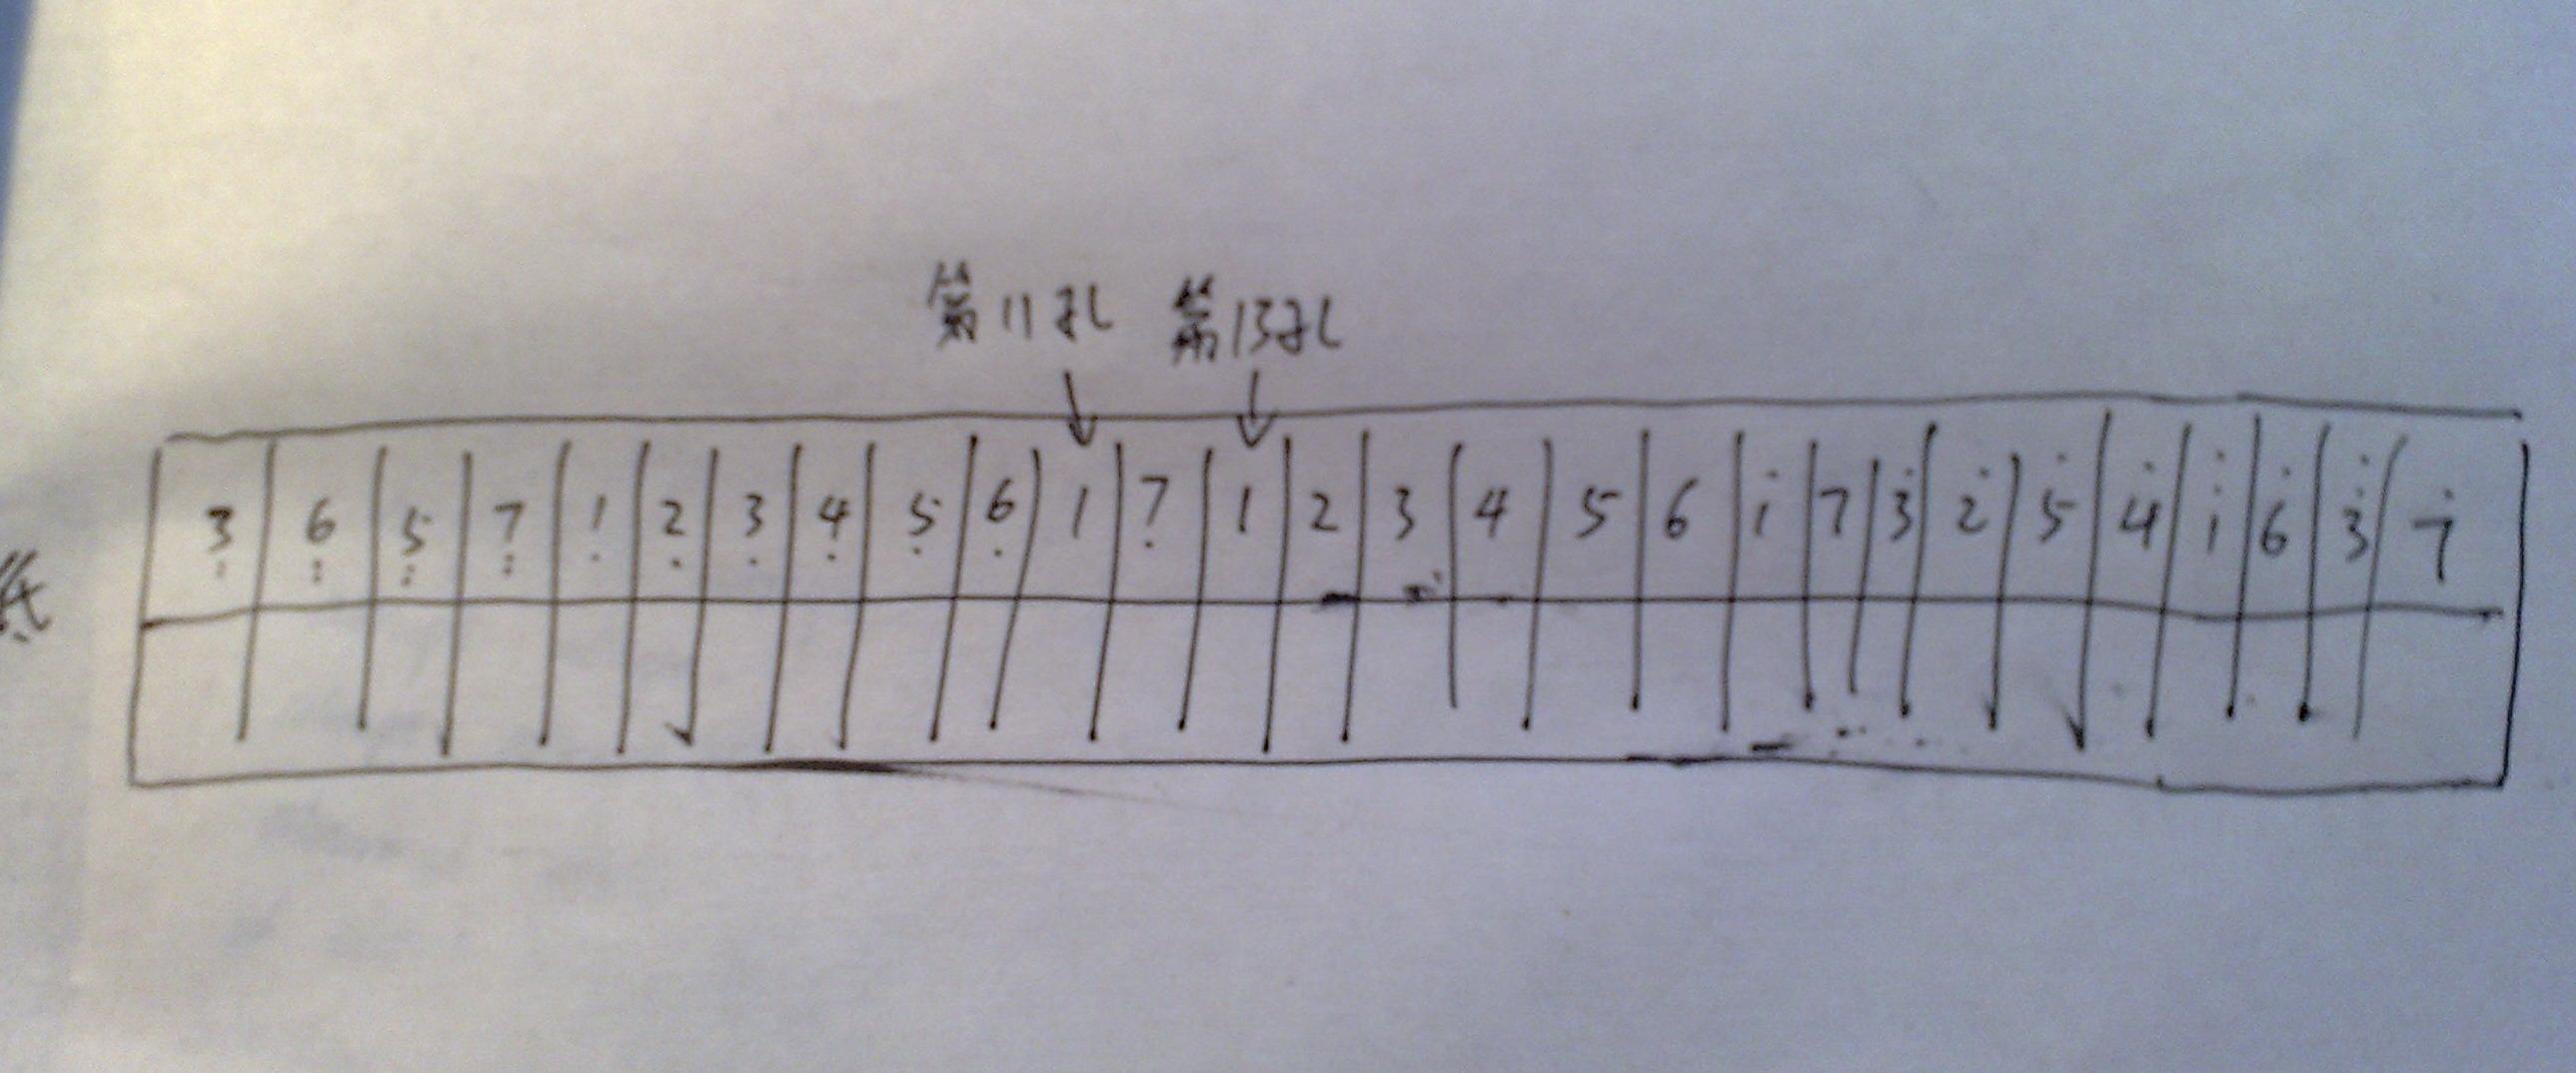 买口琴买了个28孔的口琴,汗,谁有28孔口琴的音阶图啊.图片